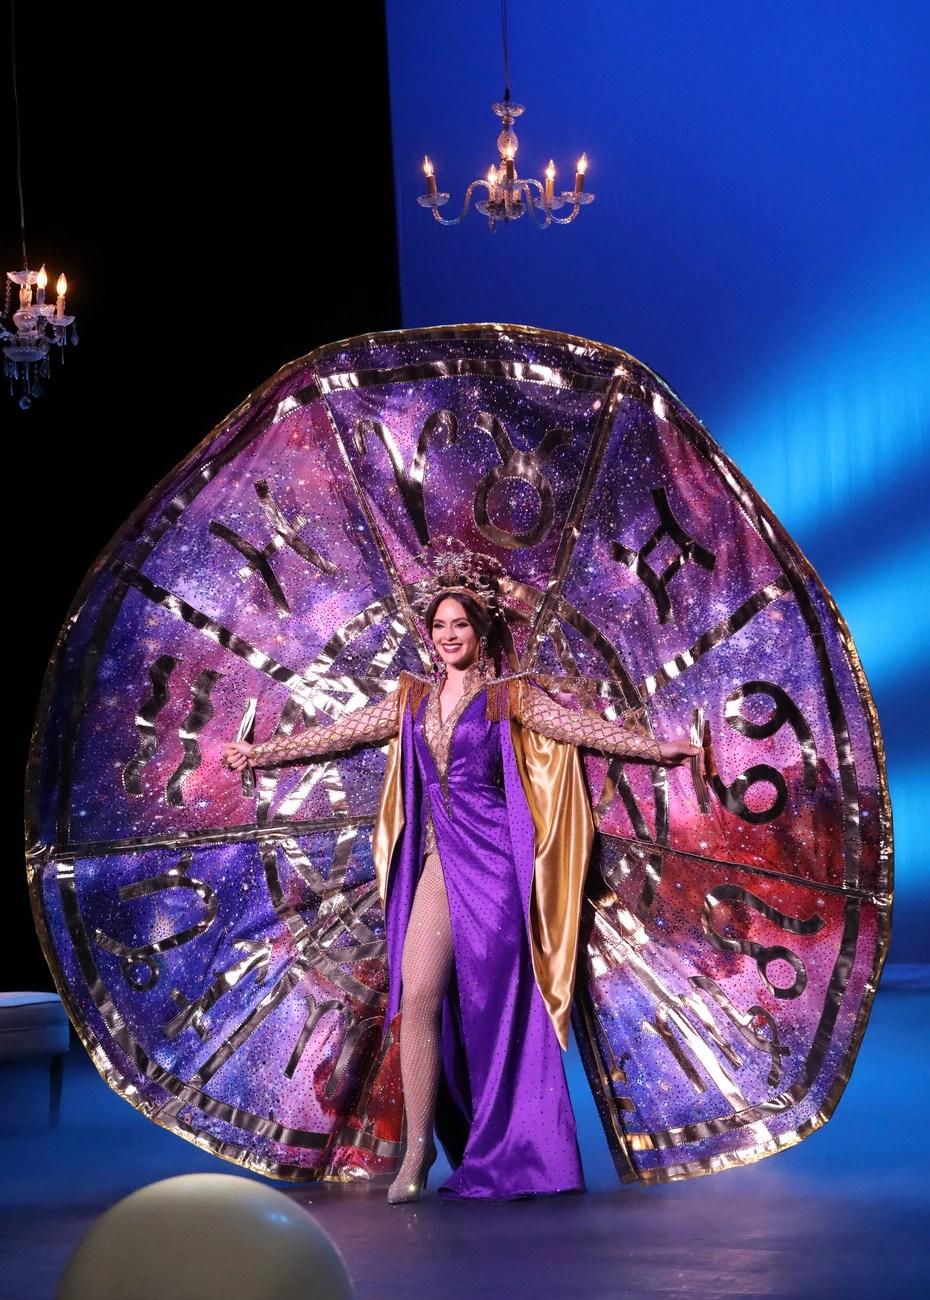 Miss Puerto Rico Universe, Estefanía Soto, mostró hoy el traje típico que usará en la competencia internacional en Florida.